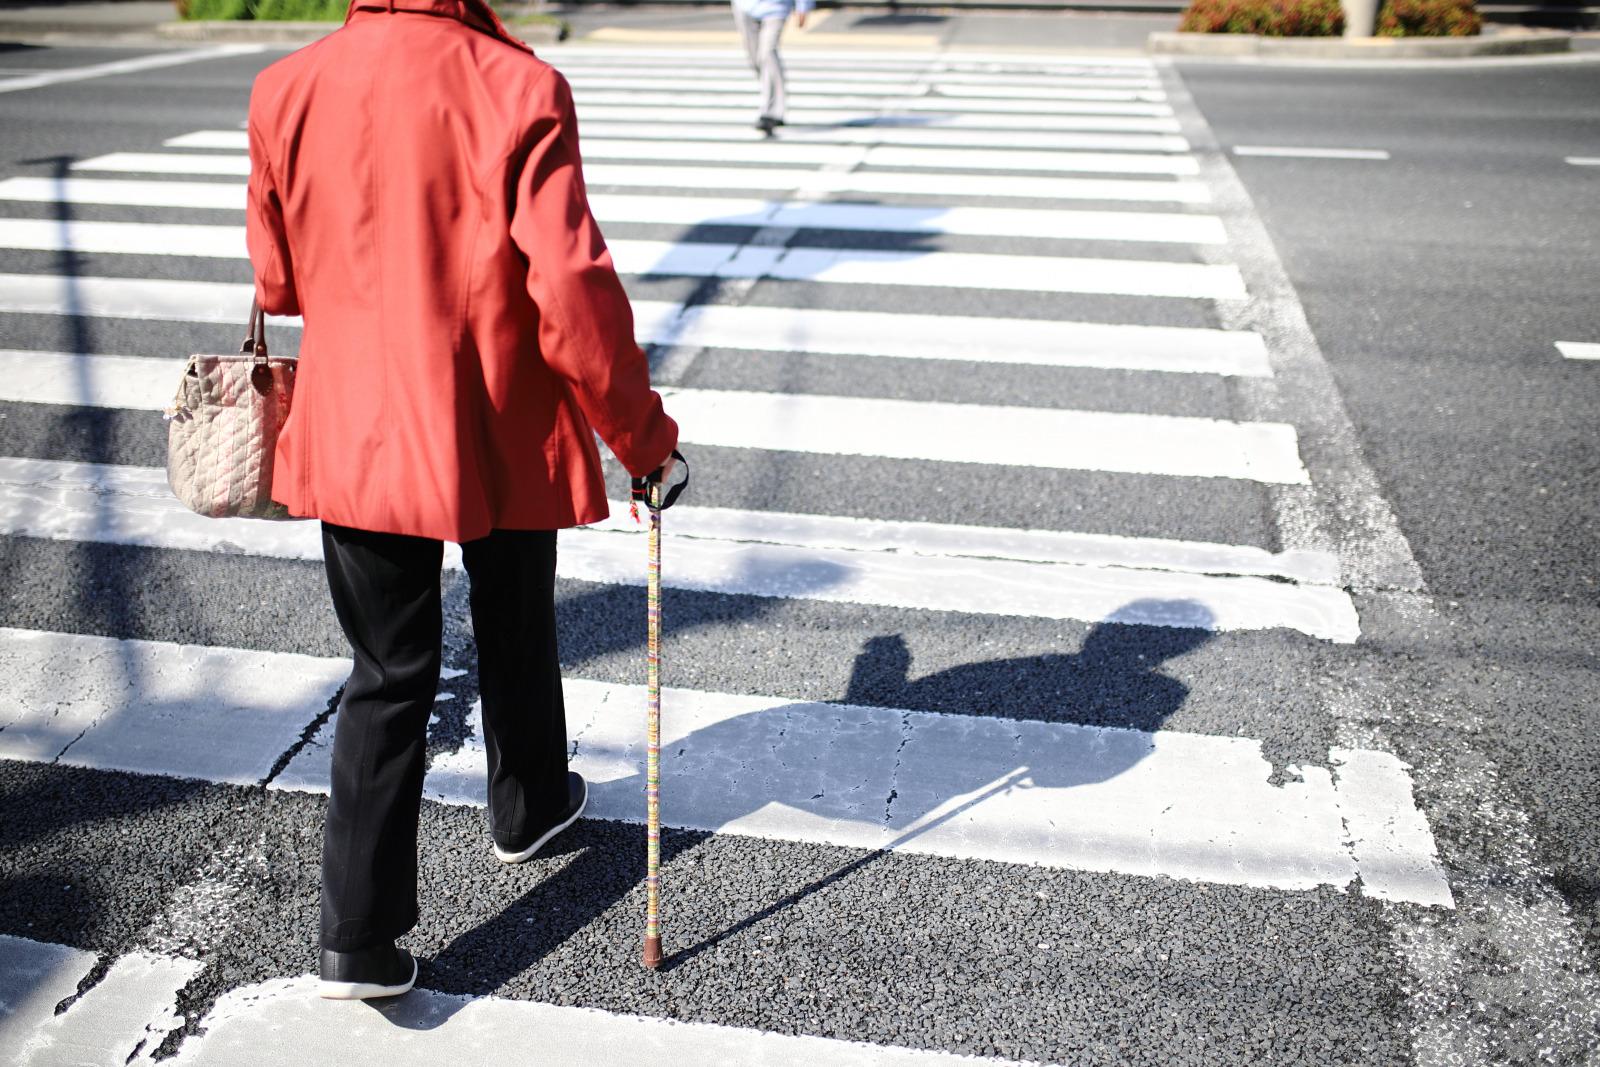 「覚えていますか「横断歩道は歩行者優先」。無視して通過すると大事故や罰則も! 」の2枚目の画像